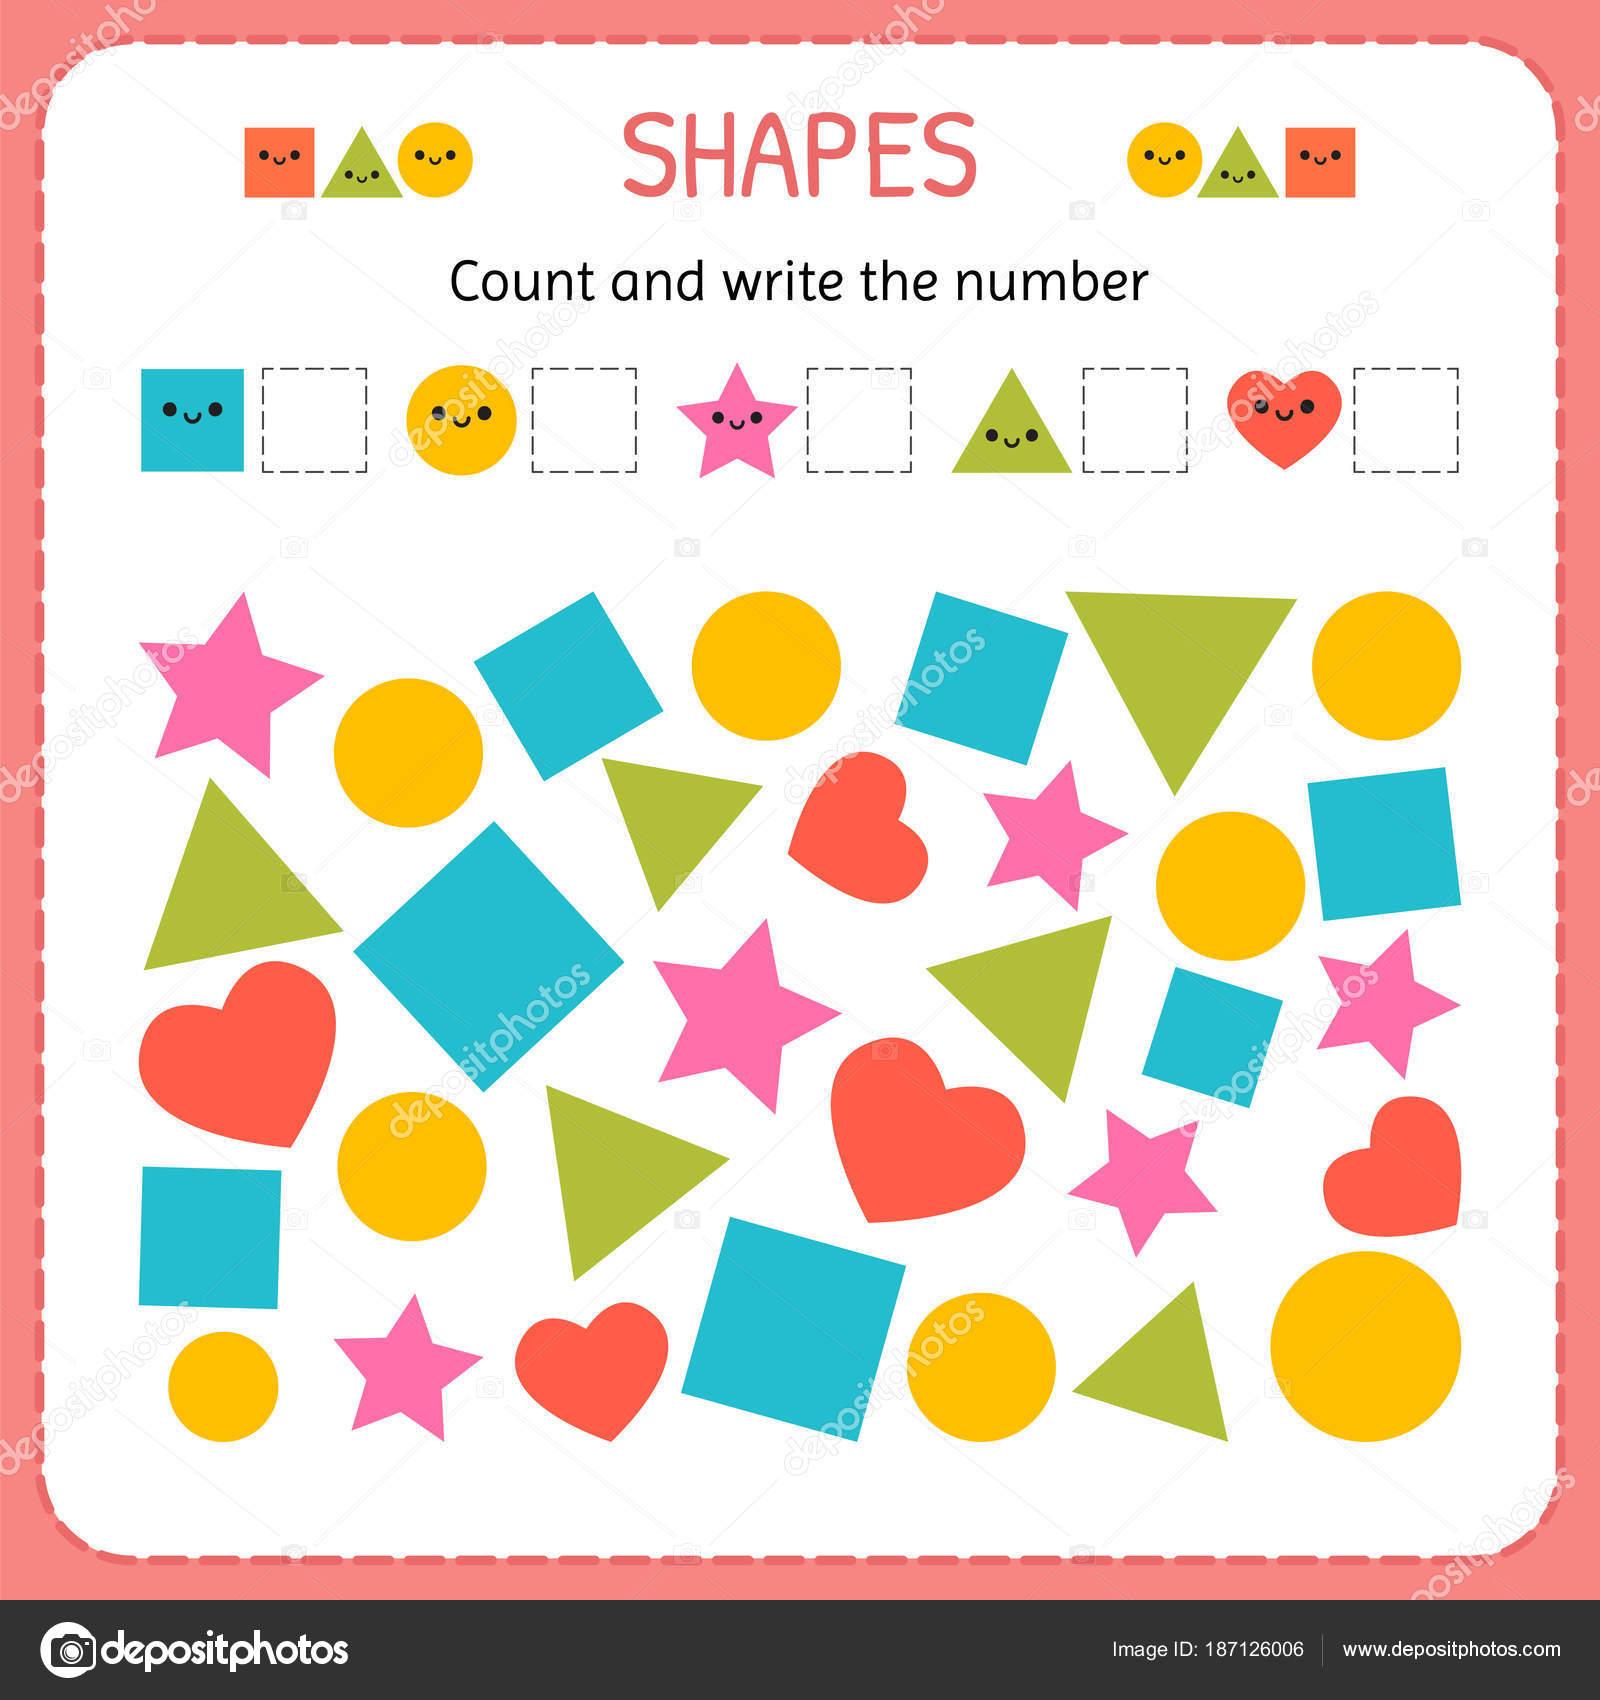 Contar y escribir el número. Aprender las formas y figuras ...